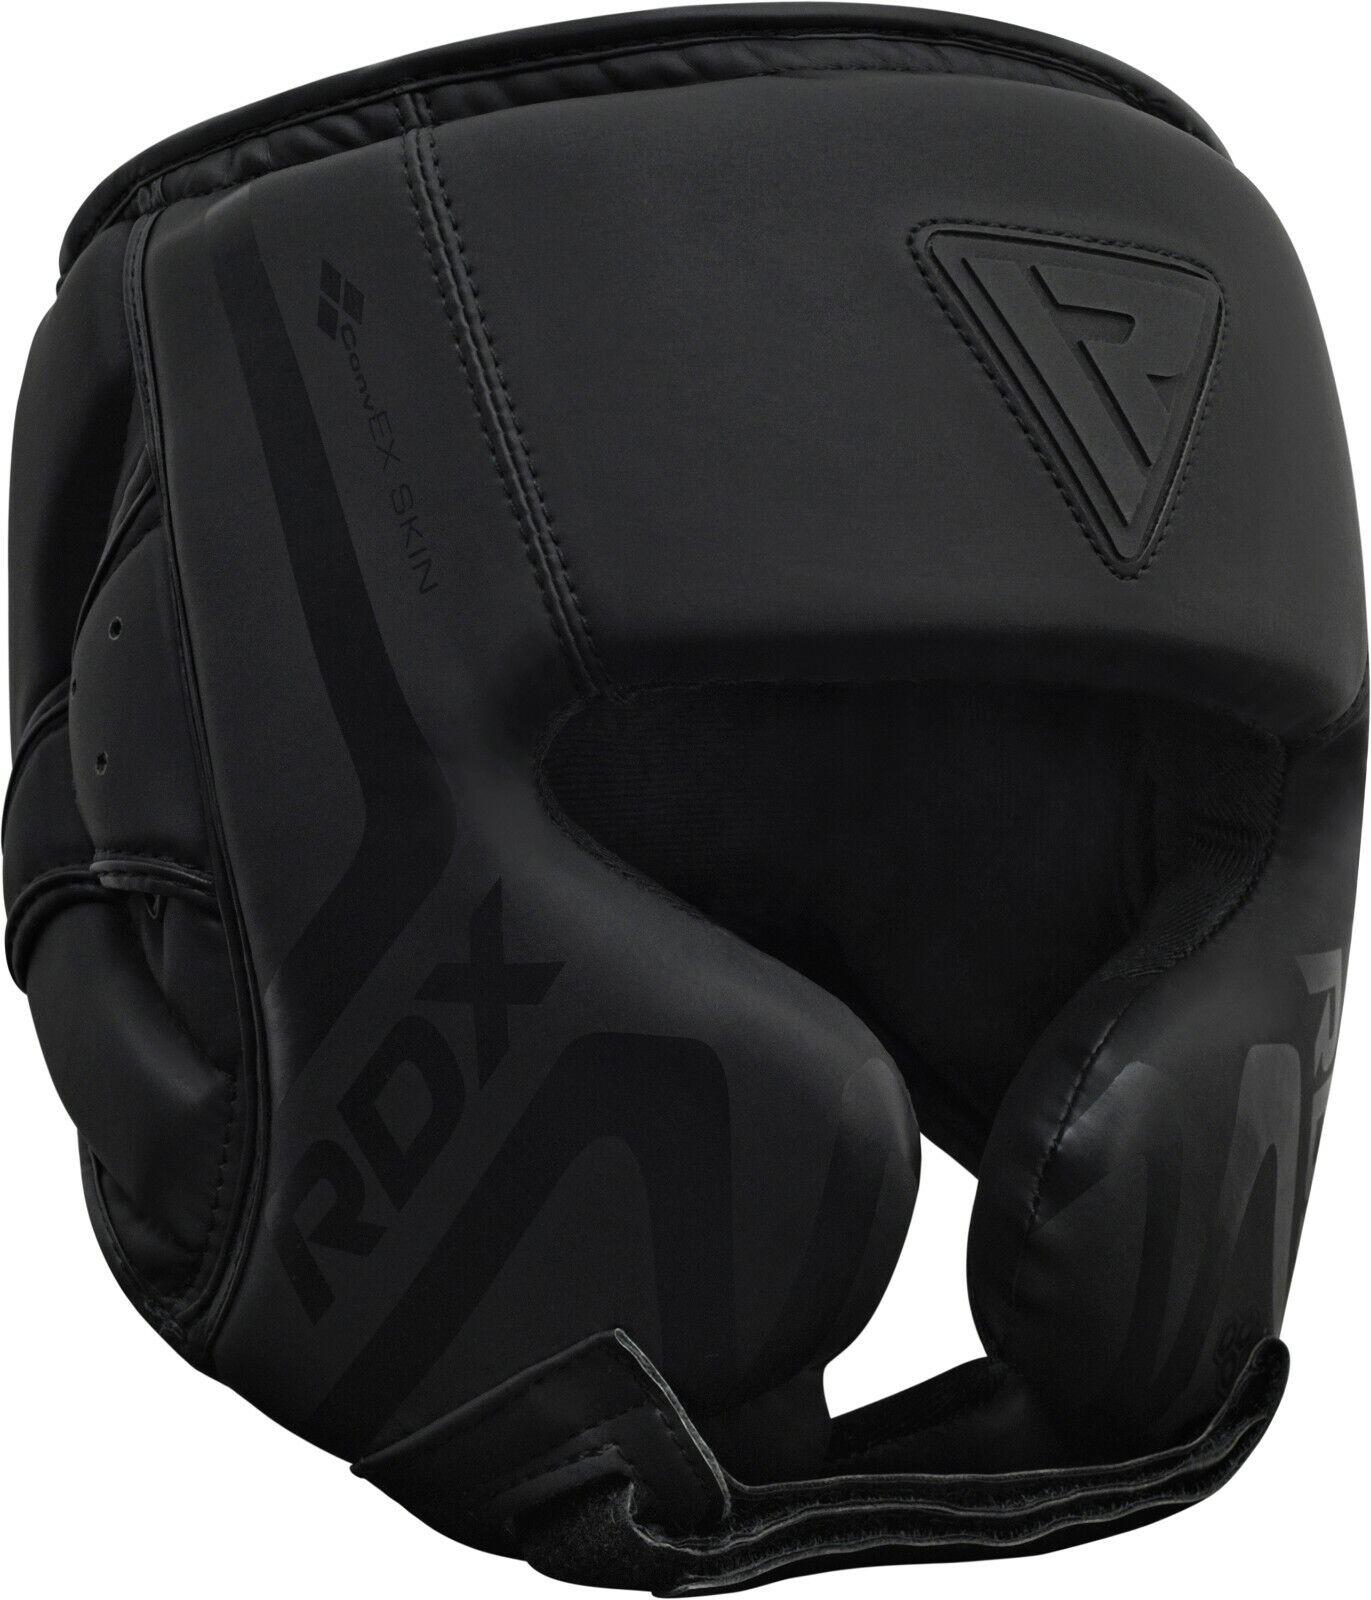 RDX Head Guard Helmet Boxing MMA Martial Arts Gear Protector Kick Training Black